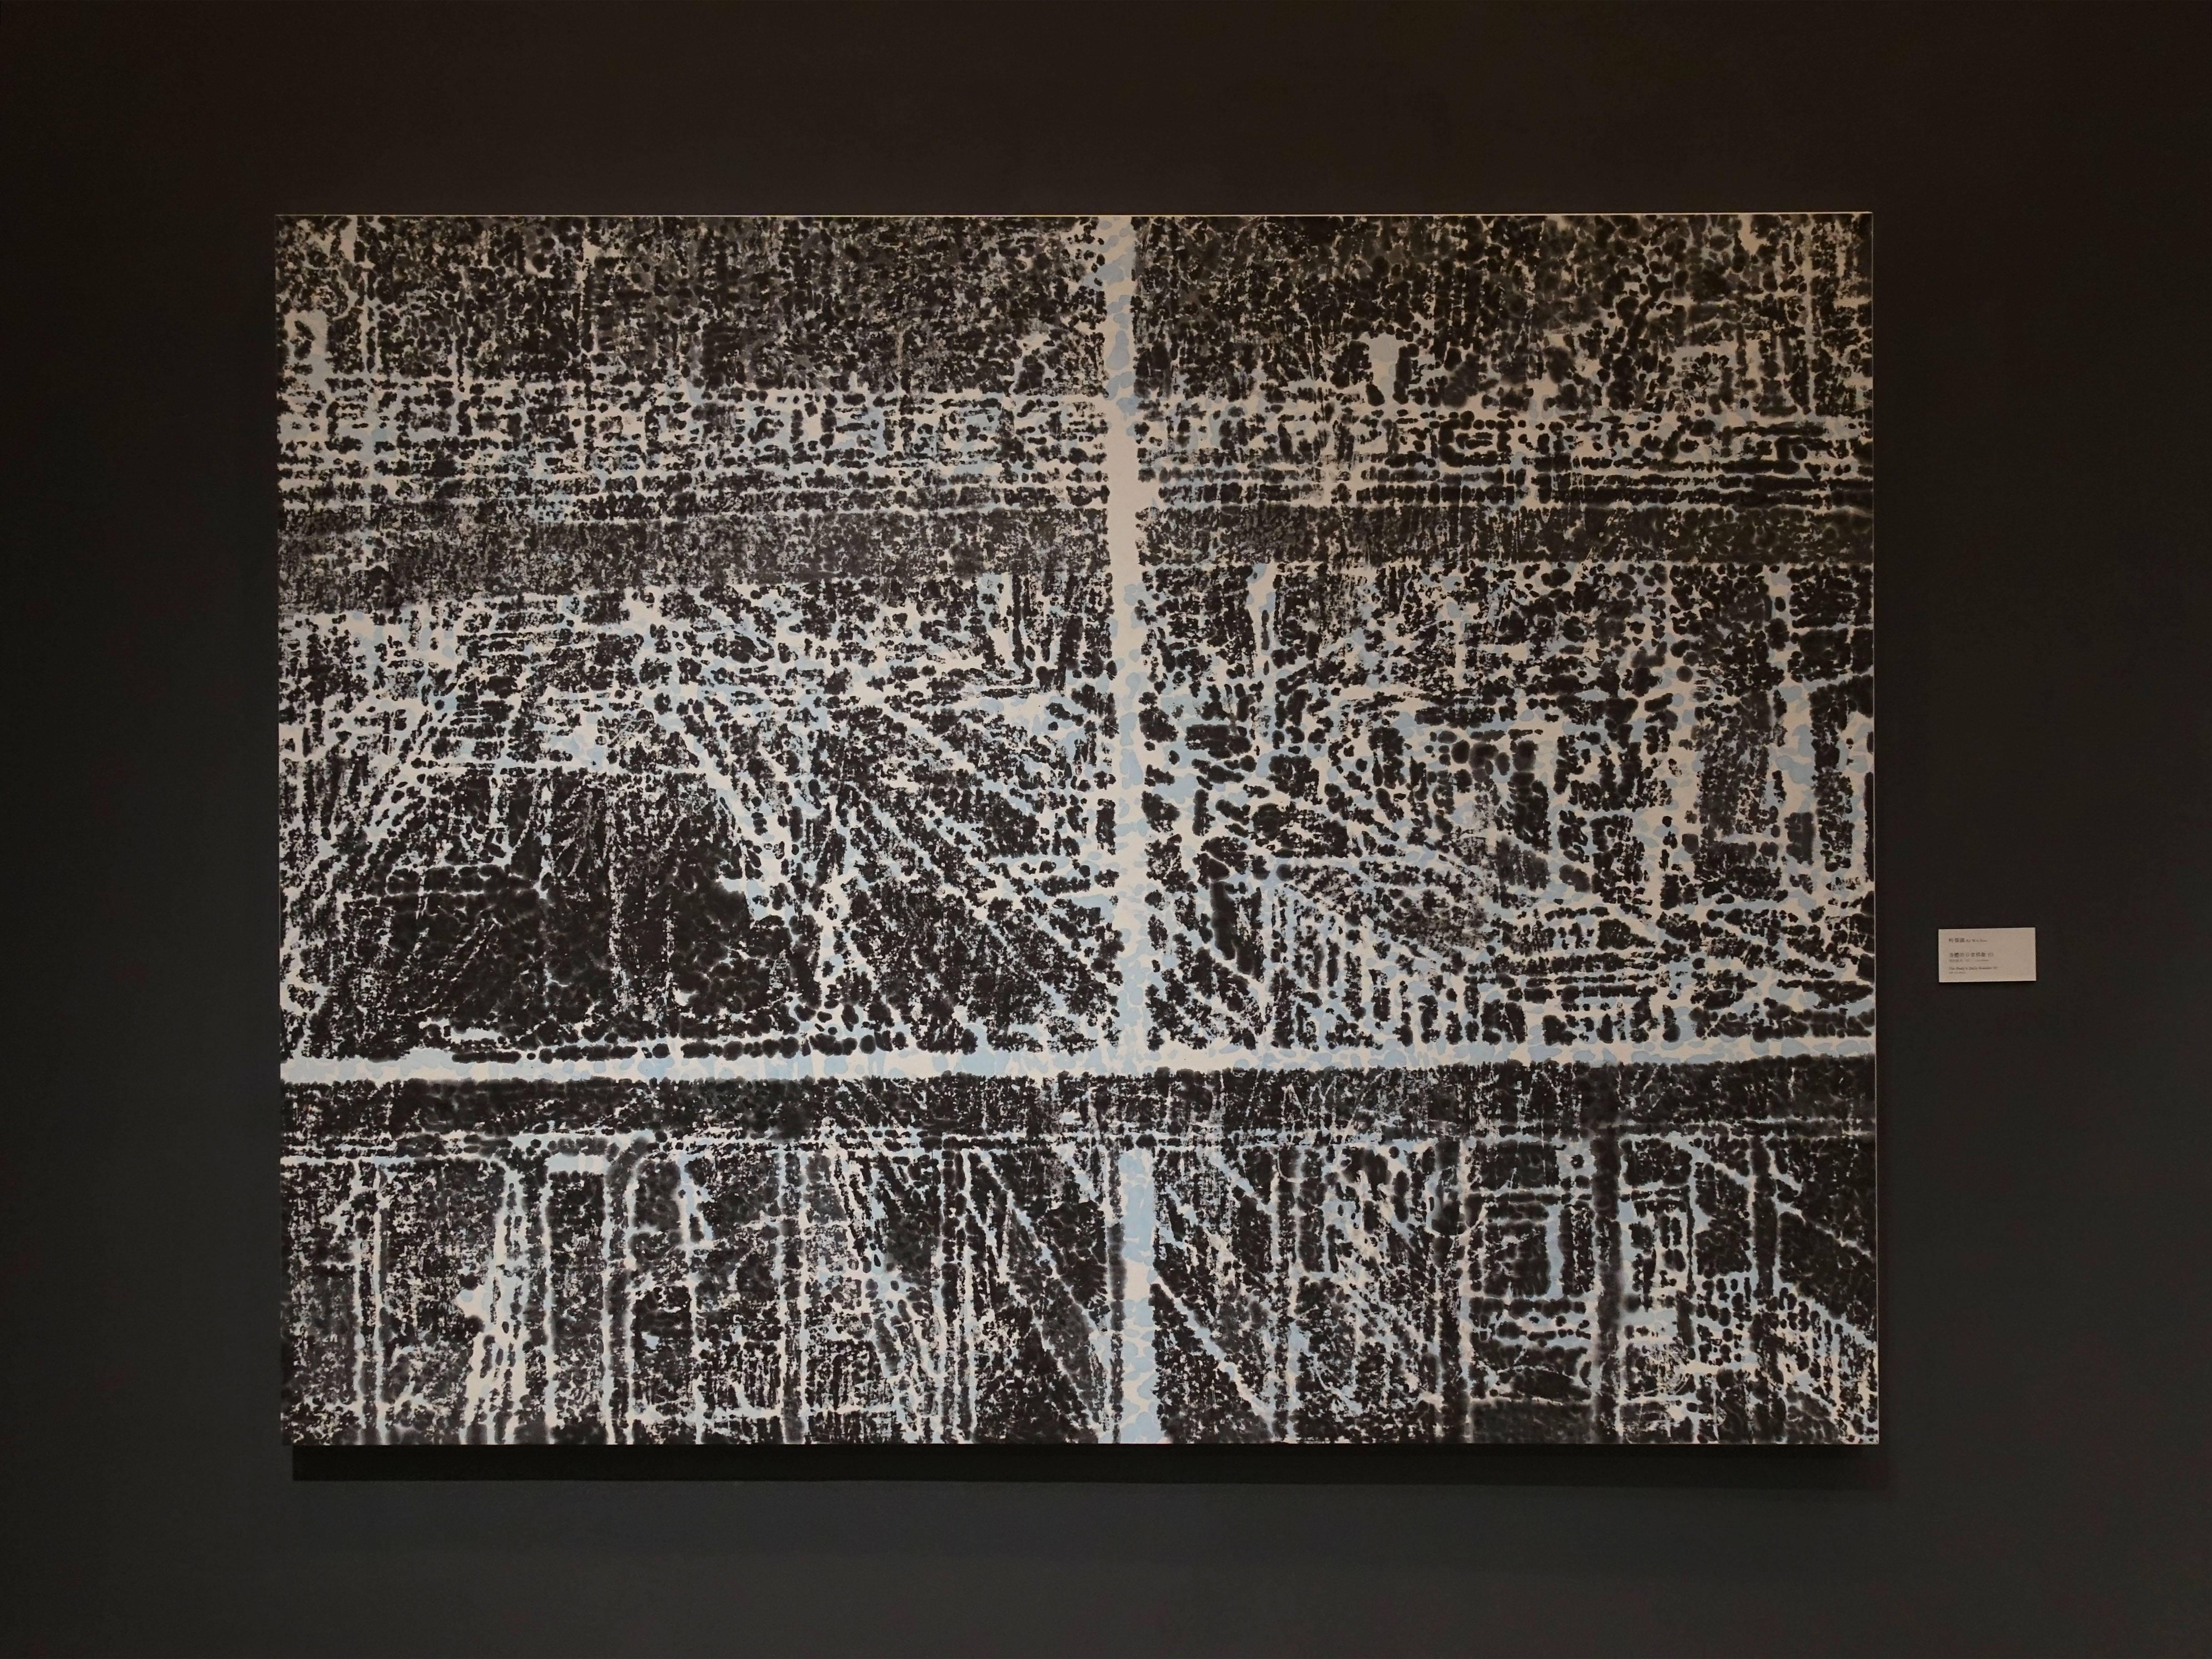 柯偉國,《身體的日常移動-3》,設色紙本,2017。